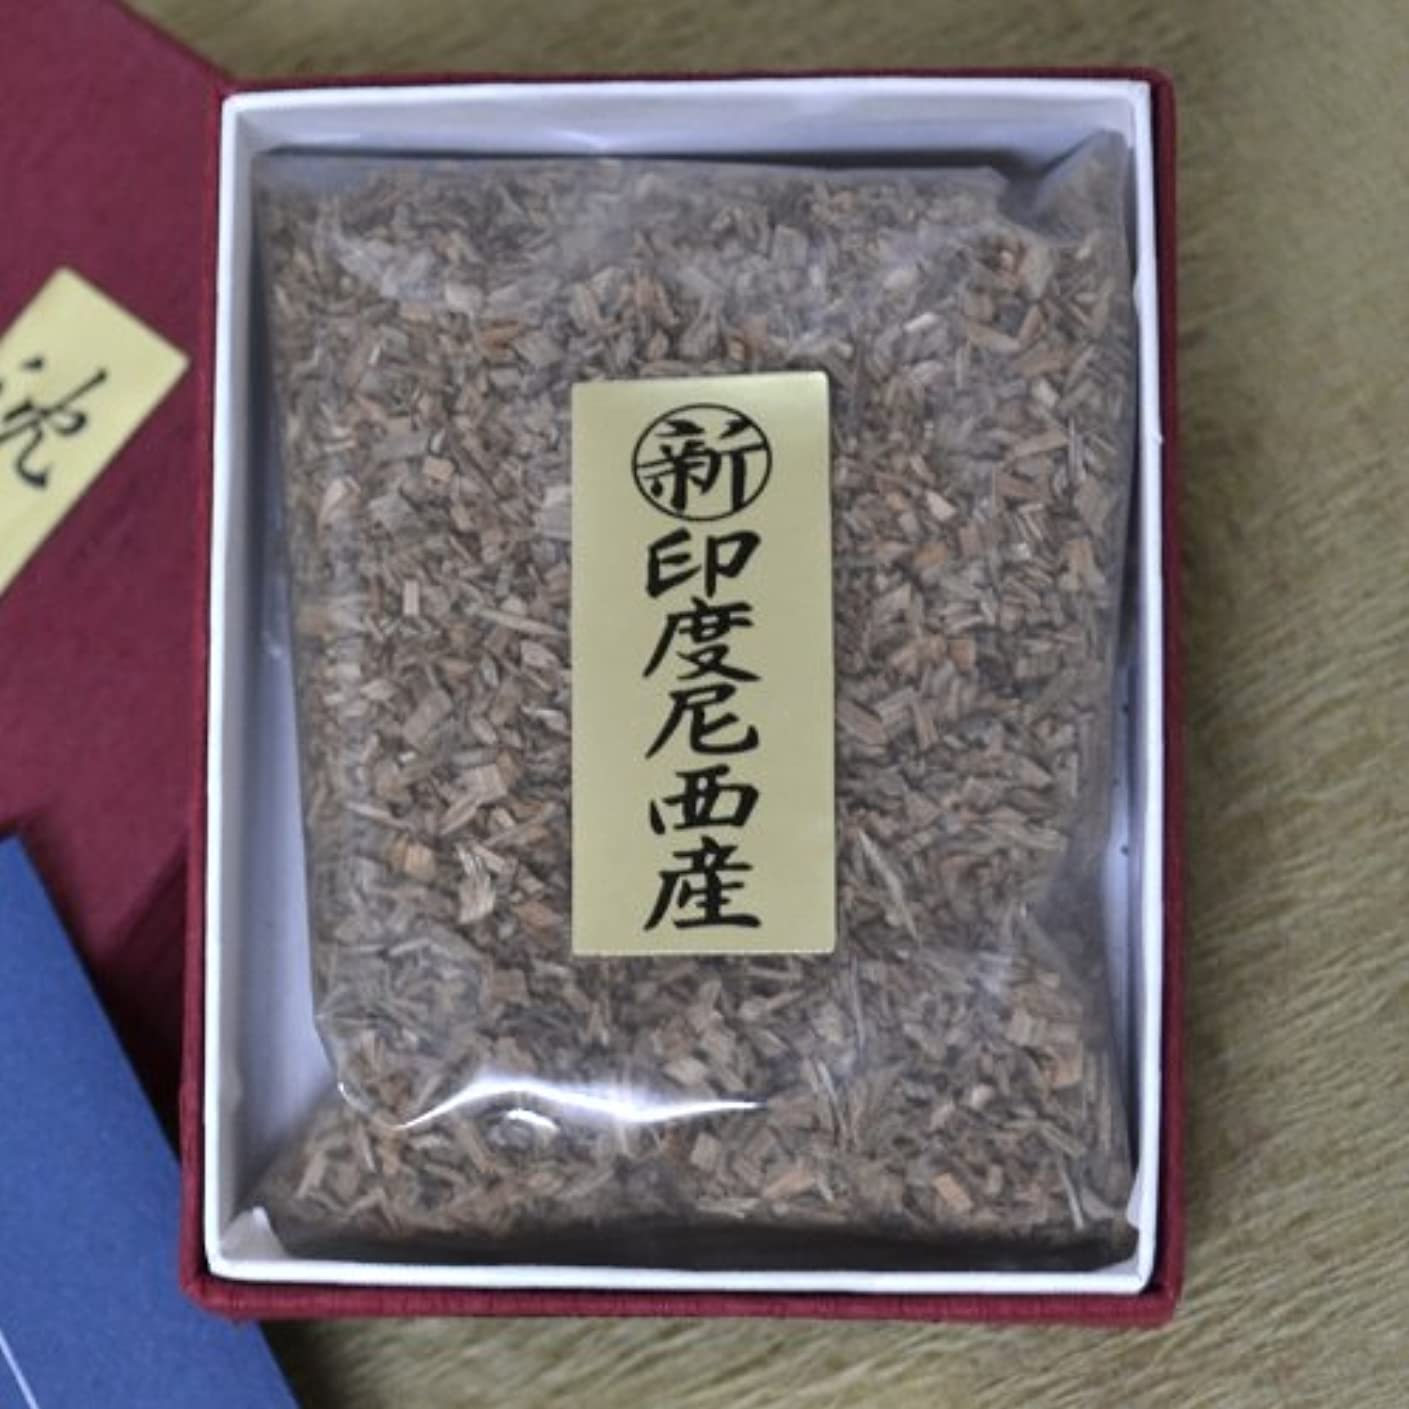 勝者タール染色香木 お焼香 新インドネシア産 沈香 【最高級品】 18g